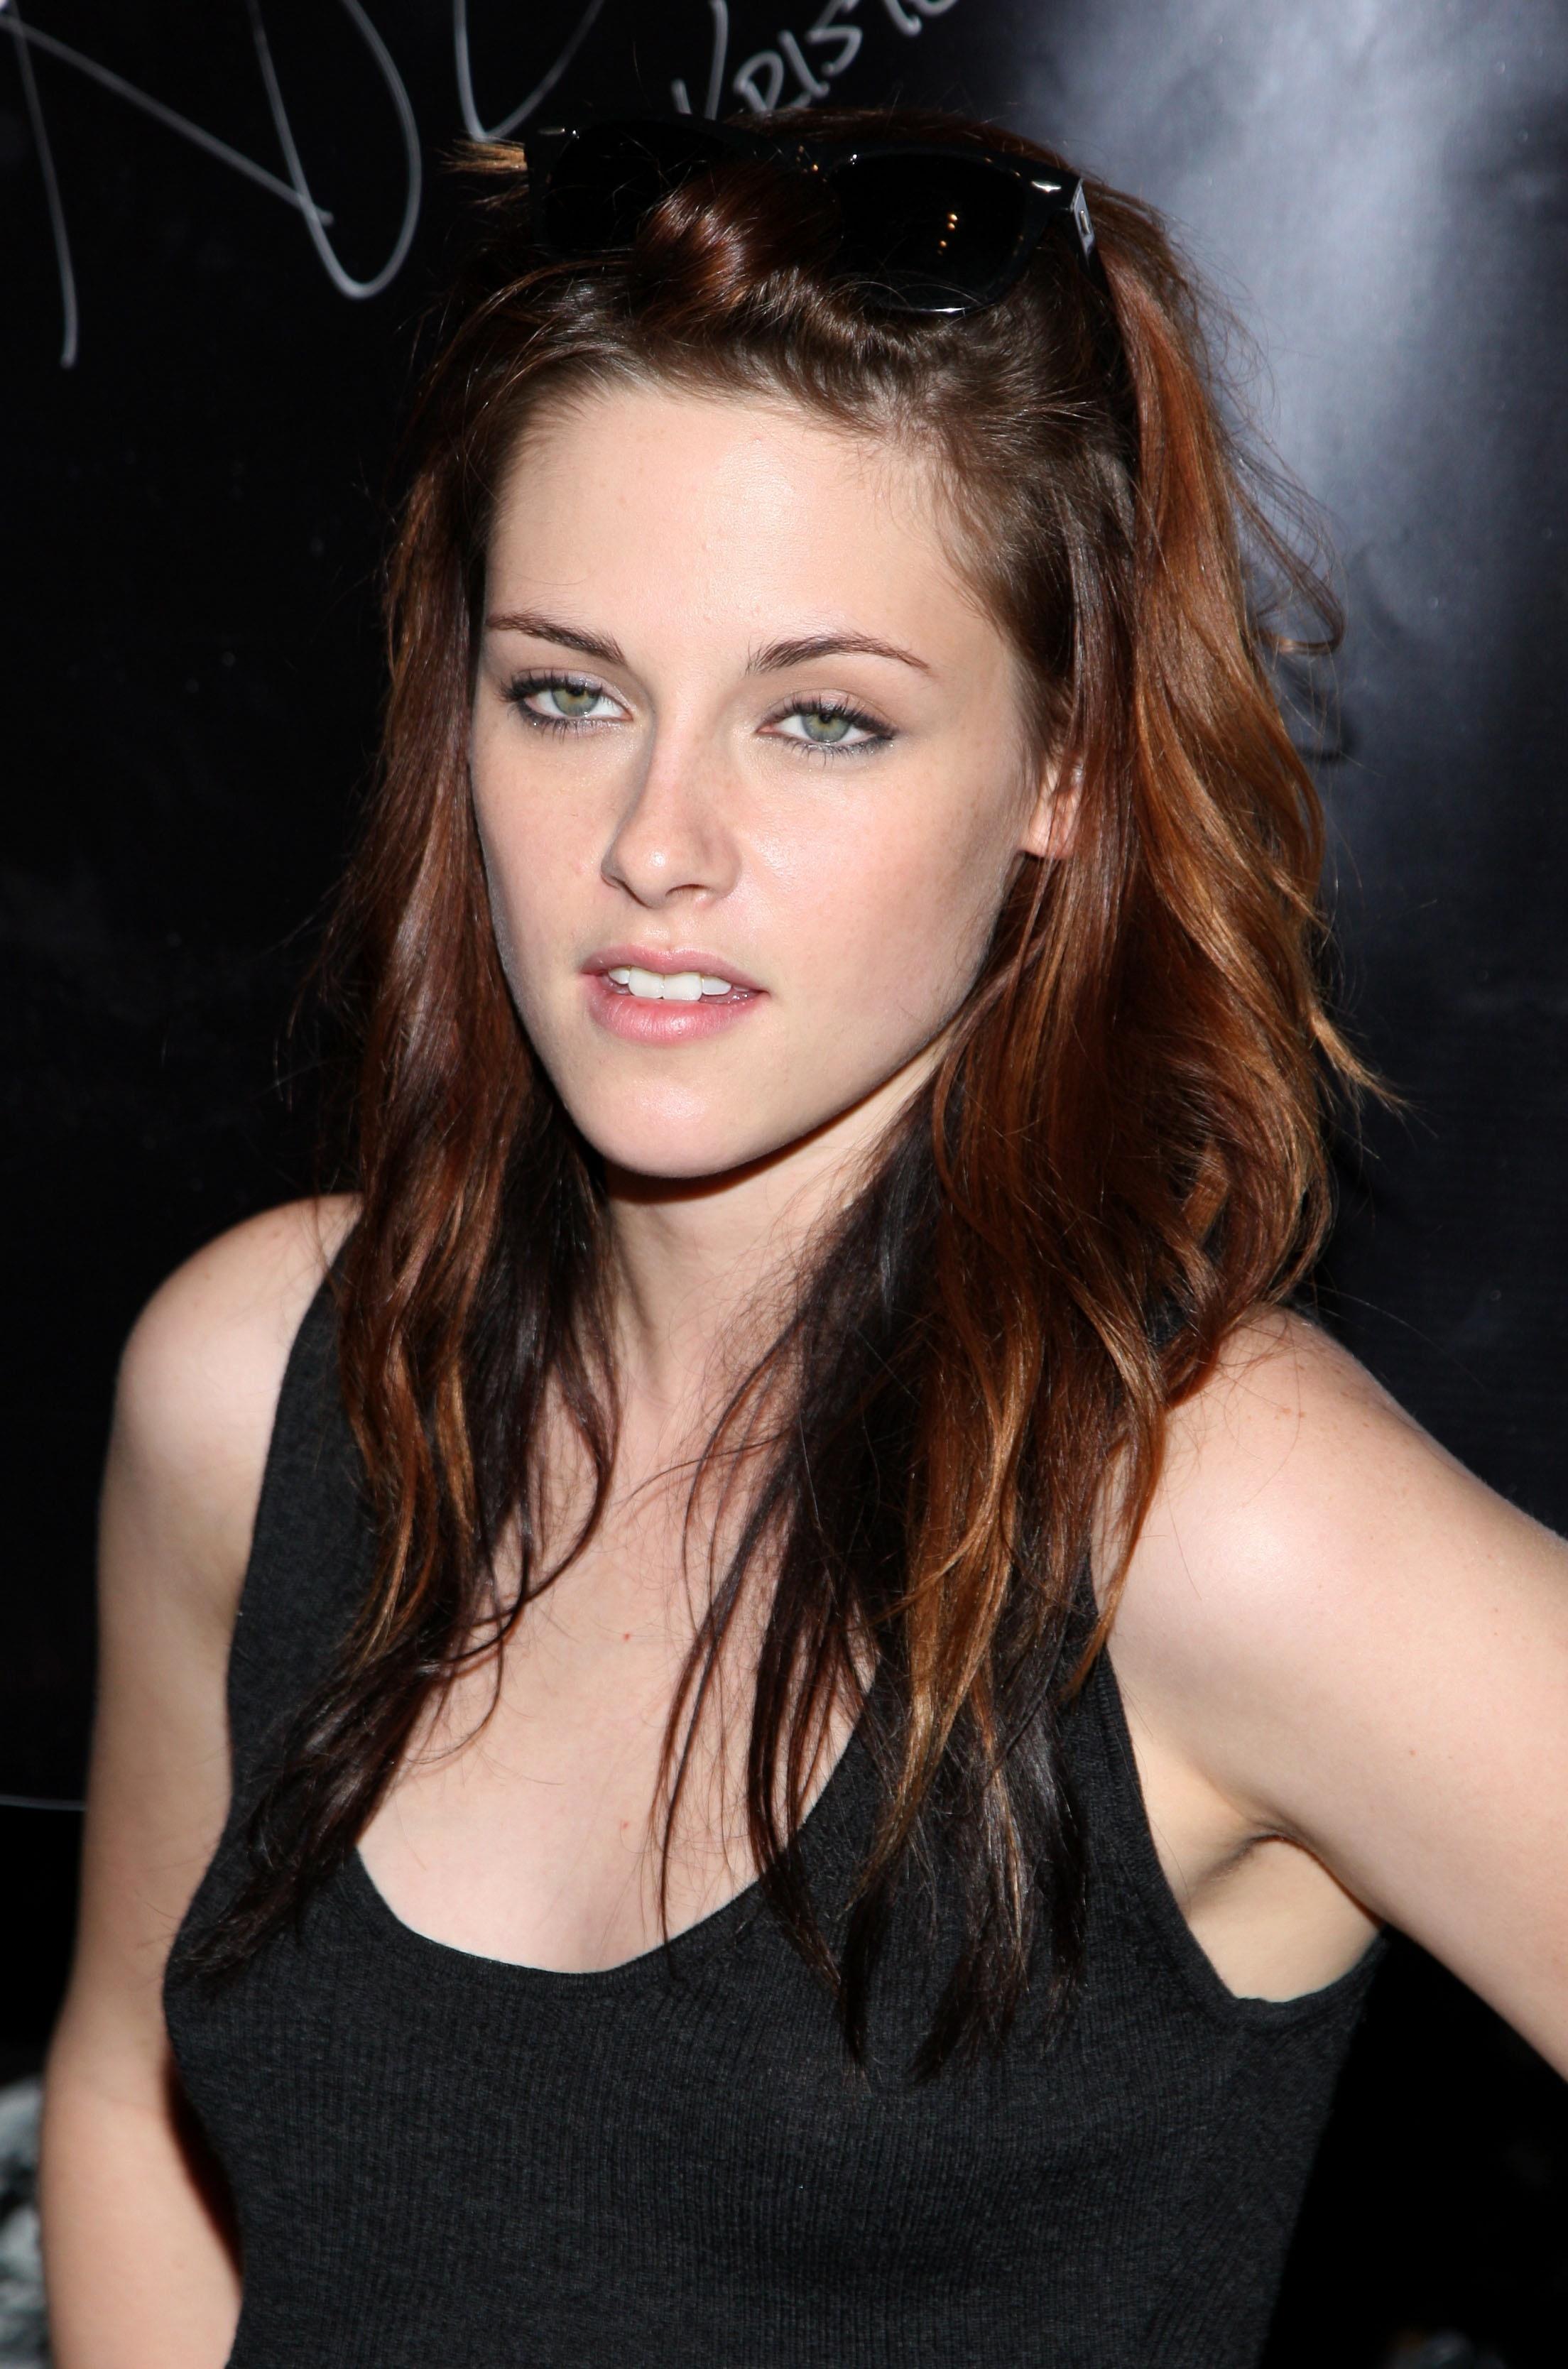 Twilight_FL009945 Kristen Stewart